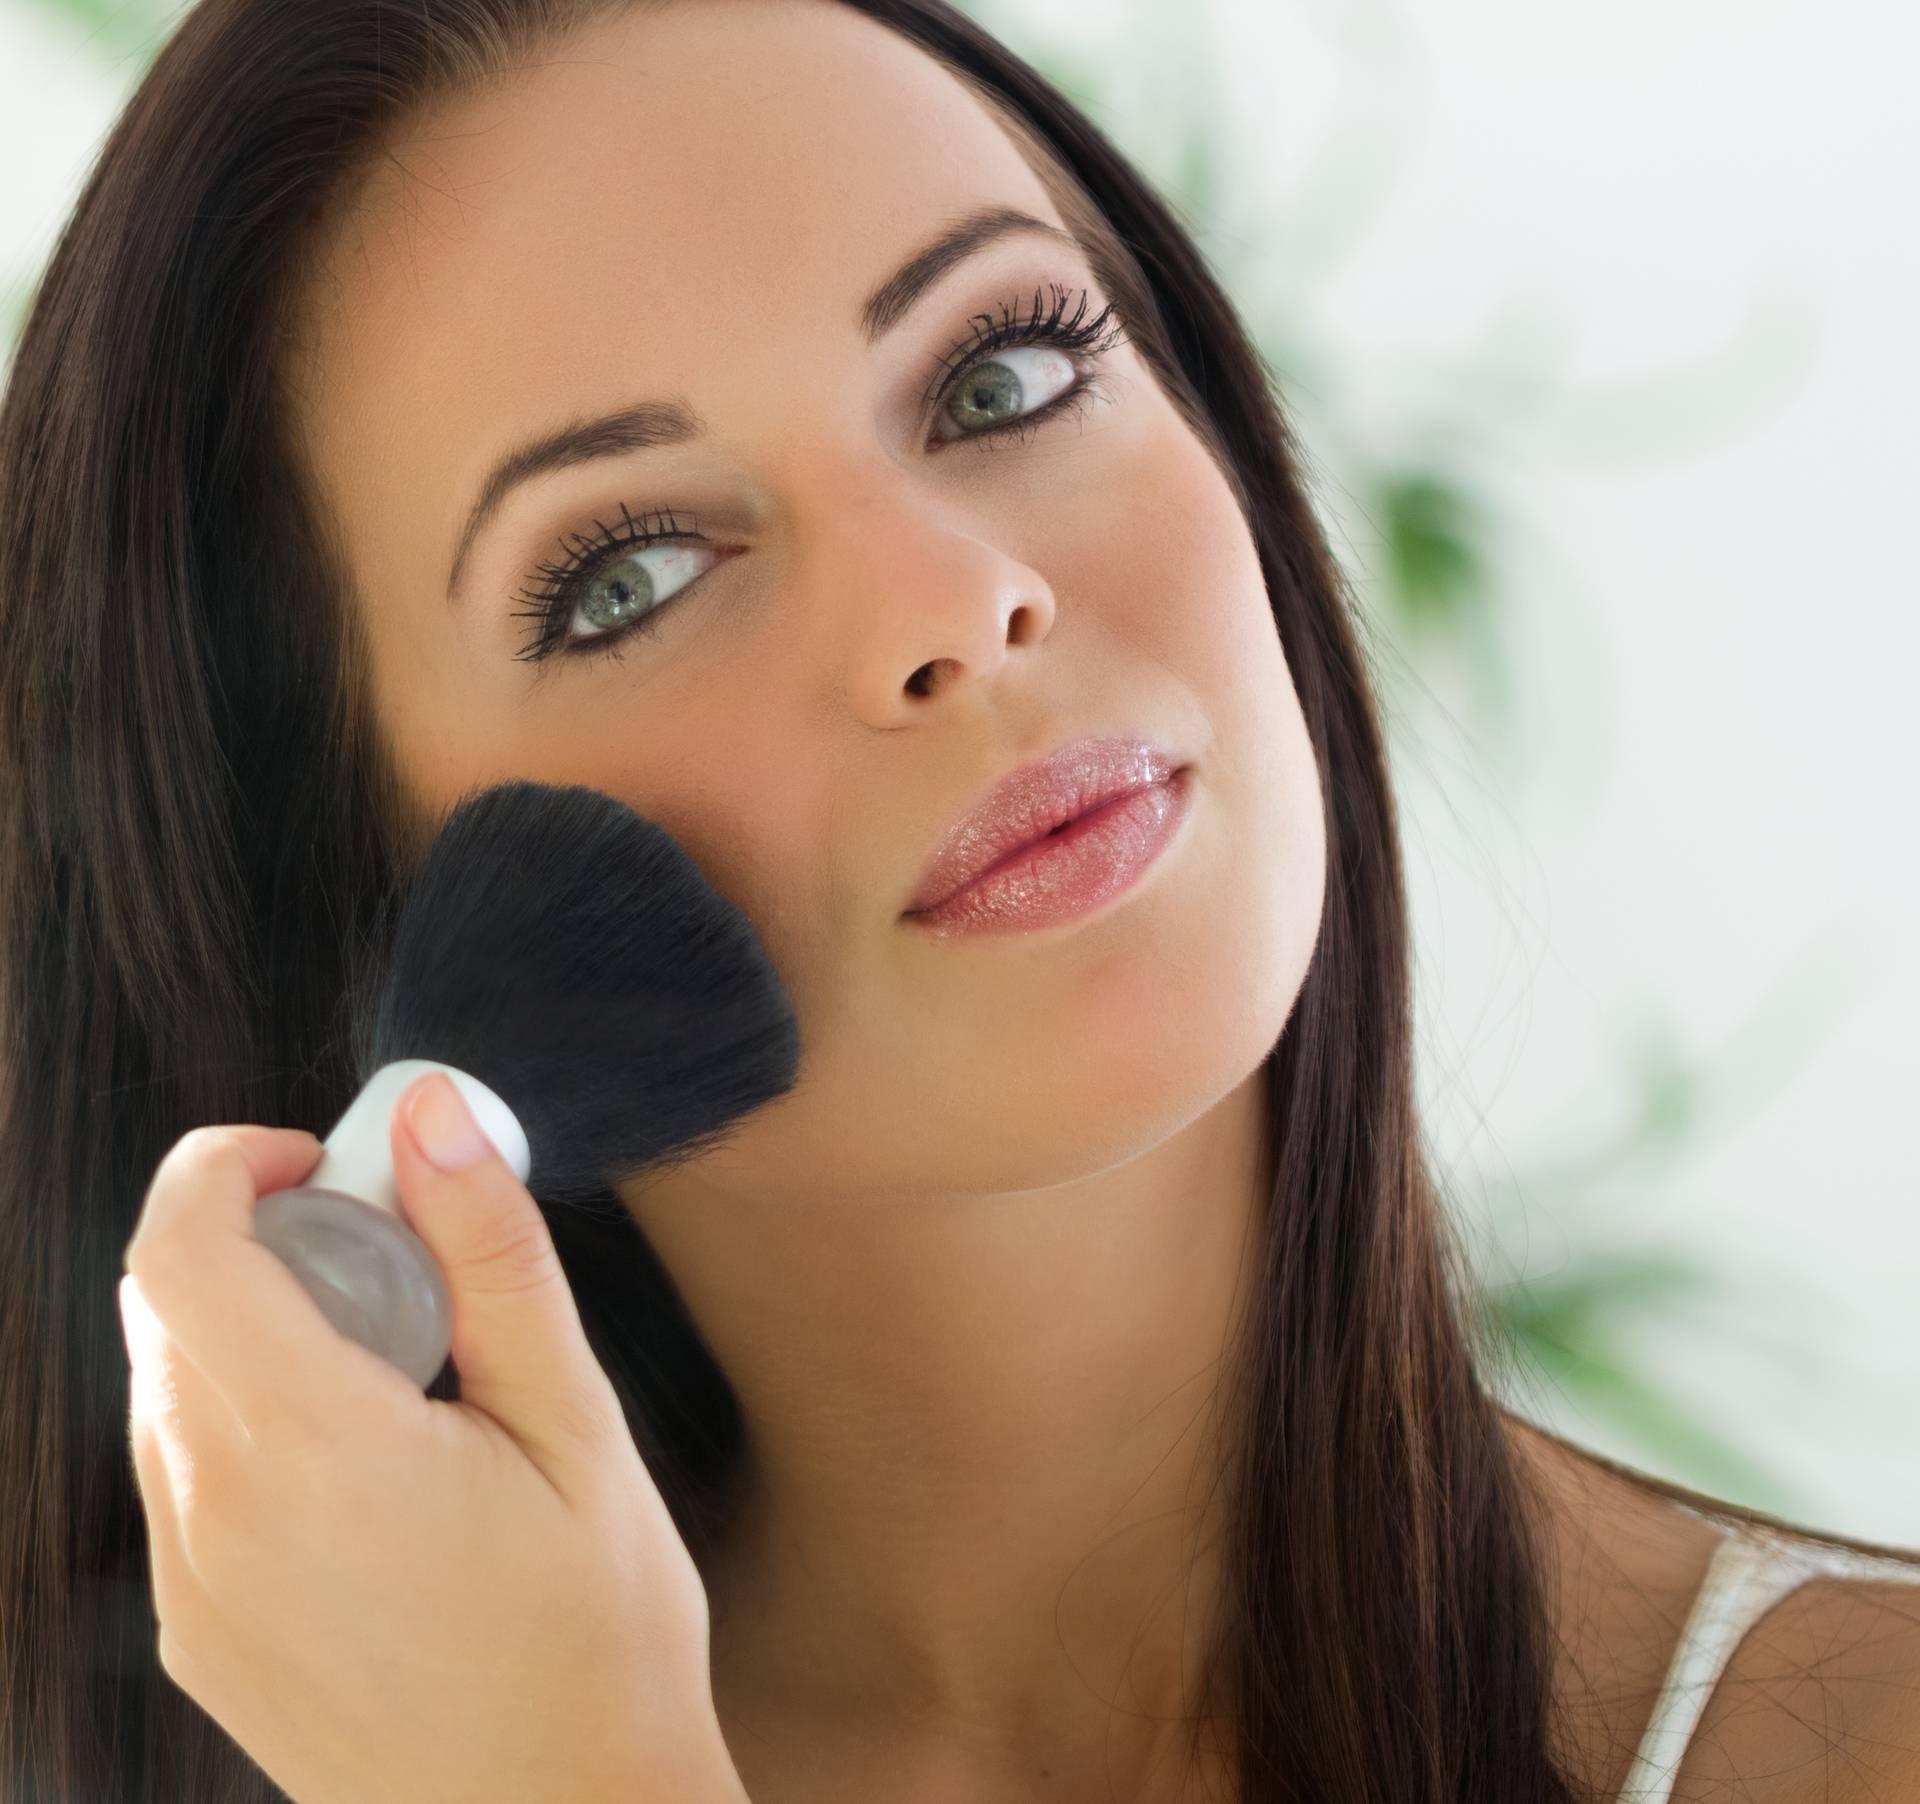 Šminka nekad čini čuda: Sedam razloga zašto nam 'dobro dođe'